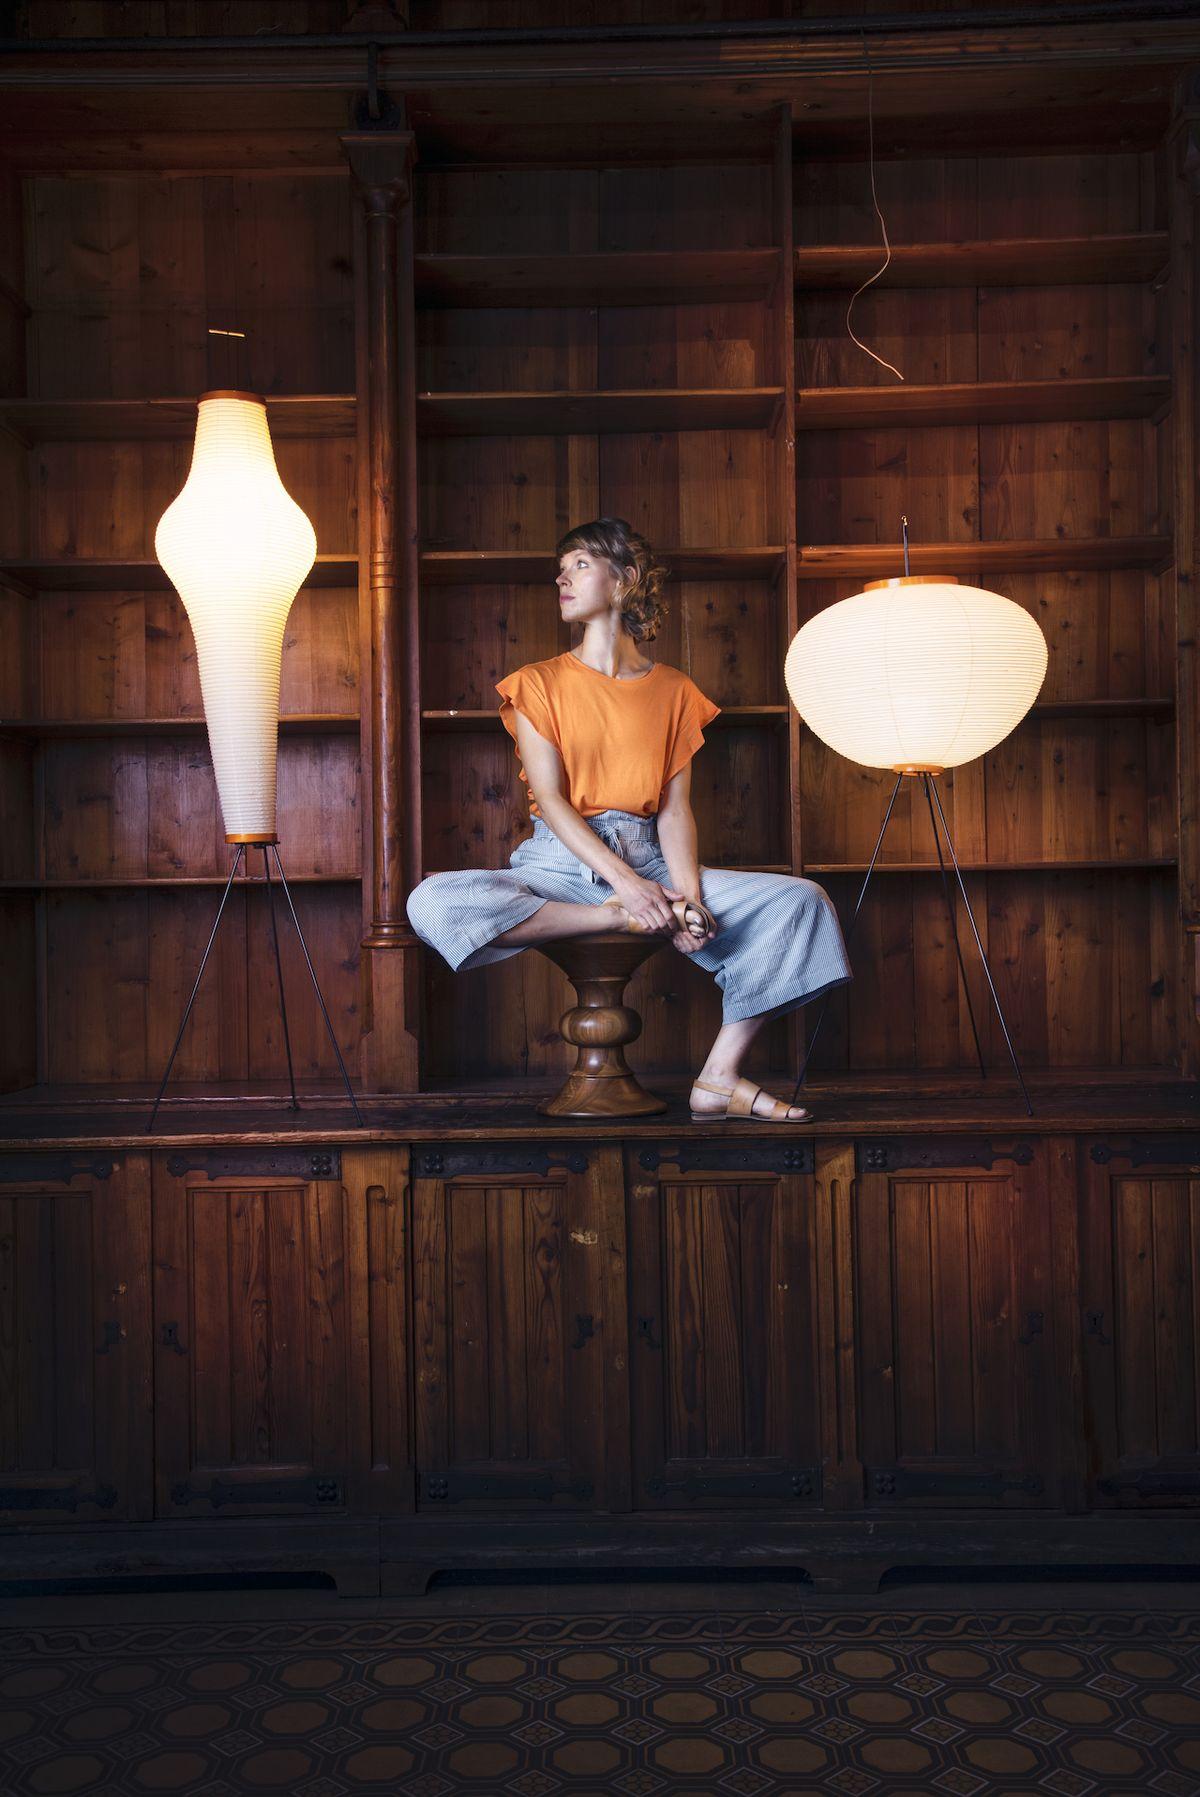 Teoretička vizuální kultury Andrea Průchová Hrůzová zapózovala na Stool A od slavných designérů Eamesových.